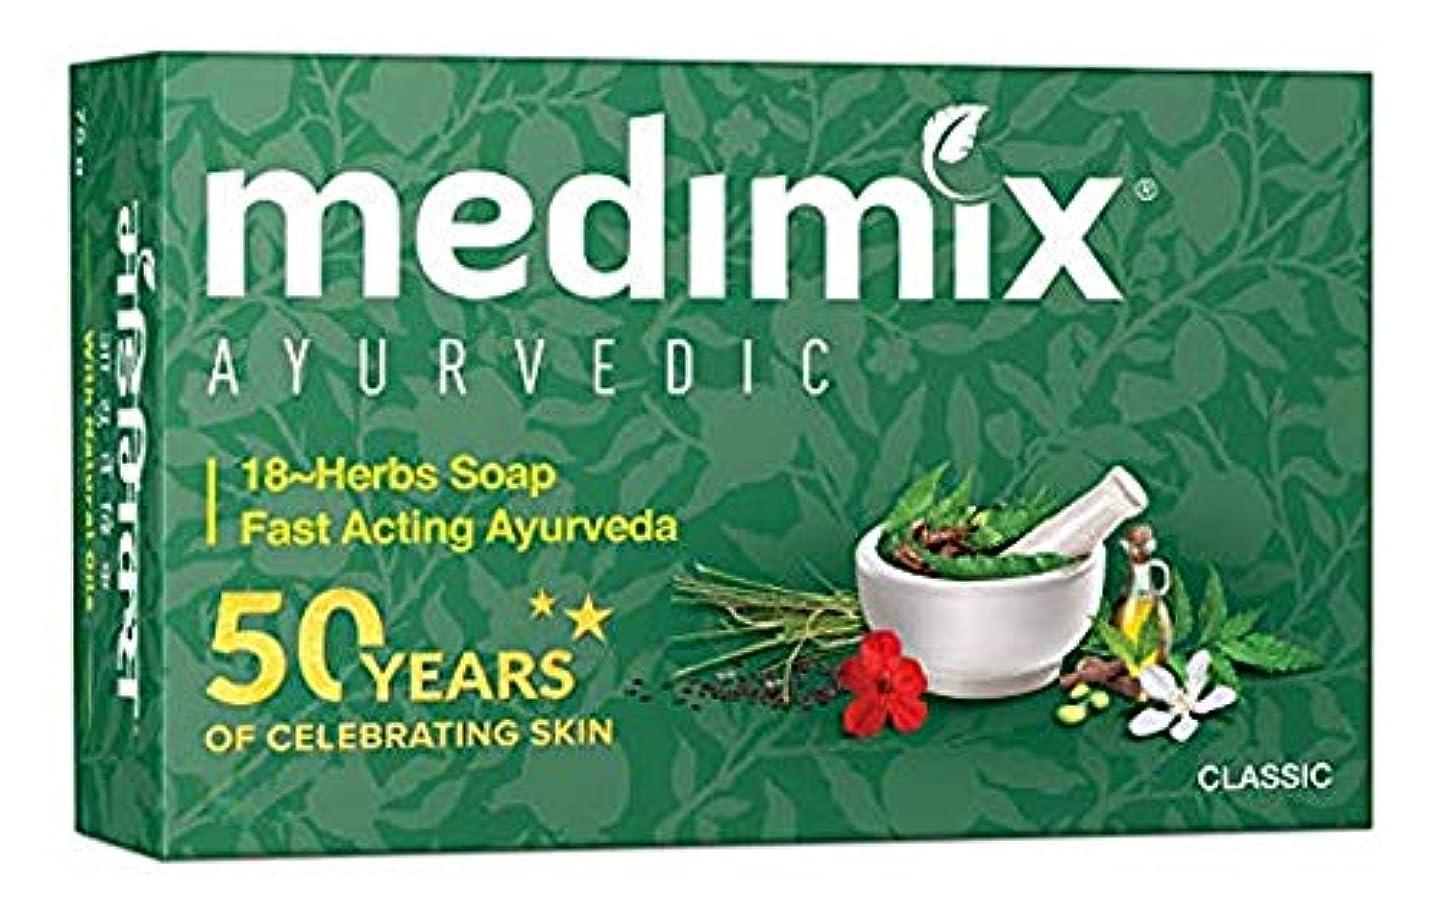 データ高める専門MEDIMIX メディミックス アーユルヴェーダ石鹸 18ハーブス20個セット(medimix classic 18-HERB AYURVEDA) 125g